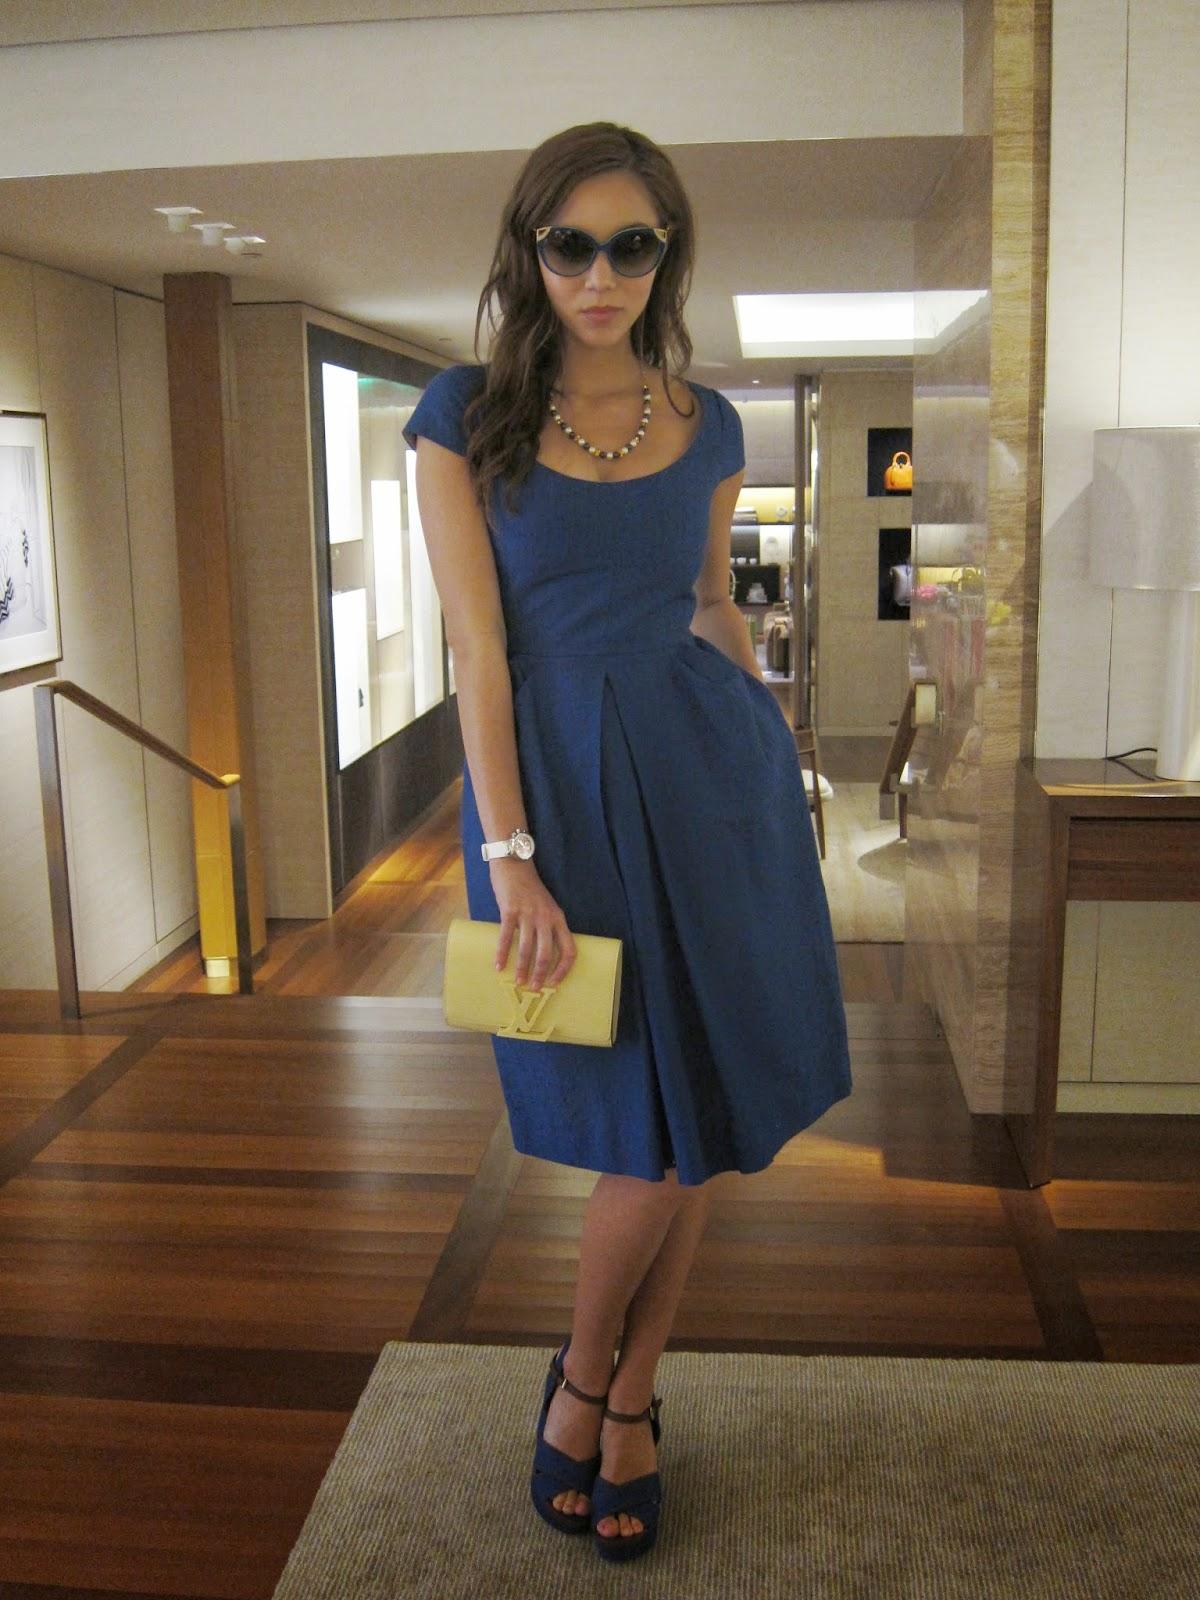 Louis Vuitton Summer 2014 Press Day